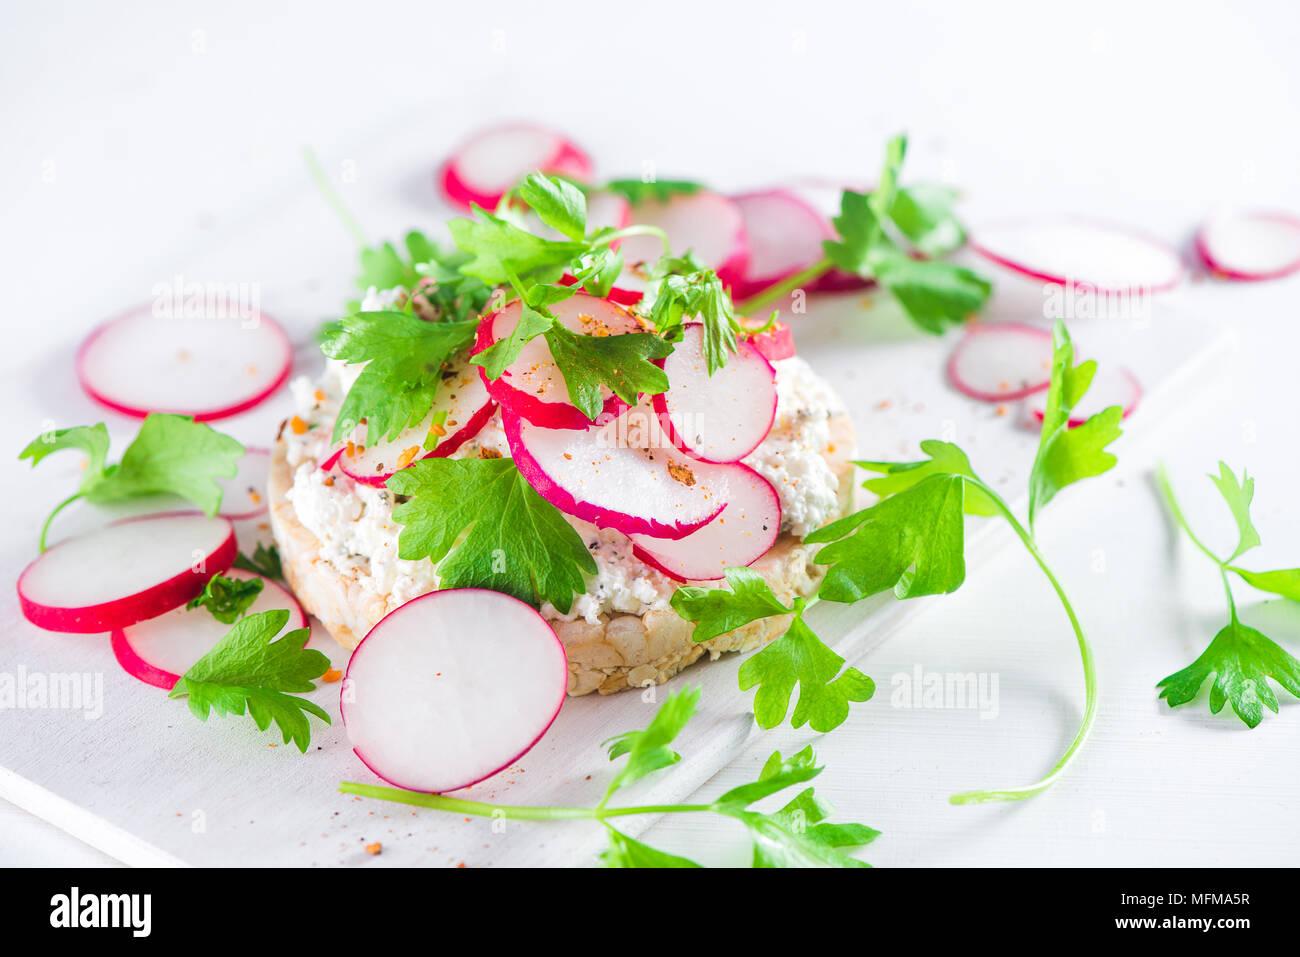 Refrigerio saludable con pan crujiente, rodajas de rábano, perejil, queso cottage y pimienta. Desayuno sencillo concepto en high key con espacio de copia. Imagen De Stock